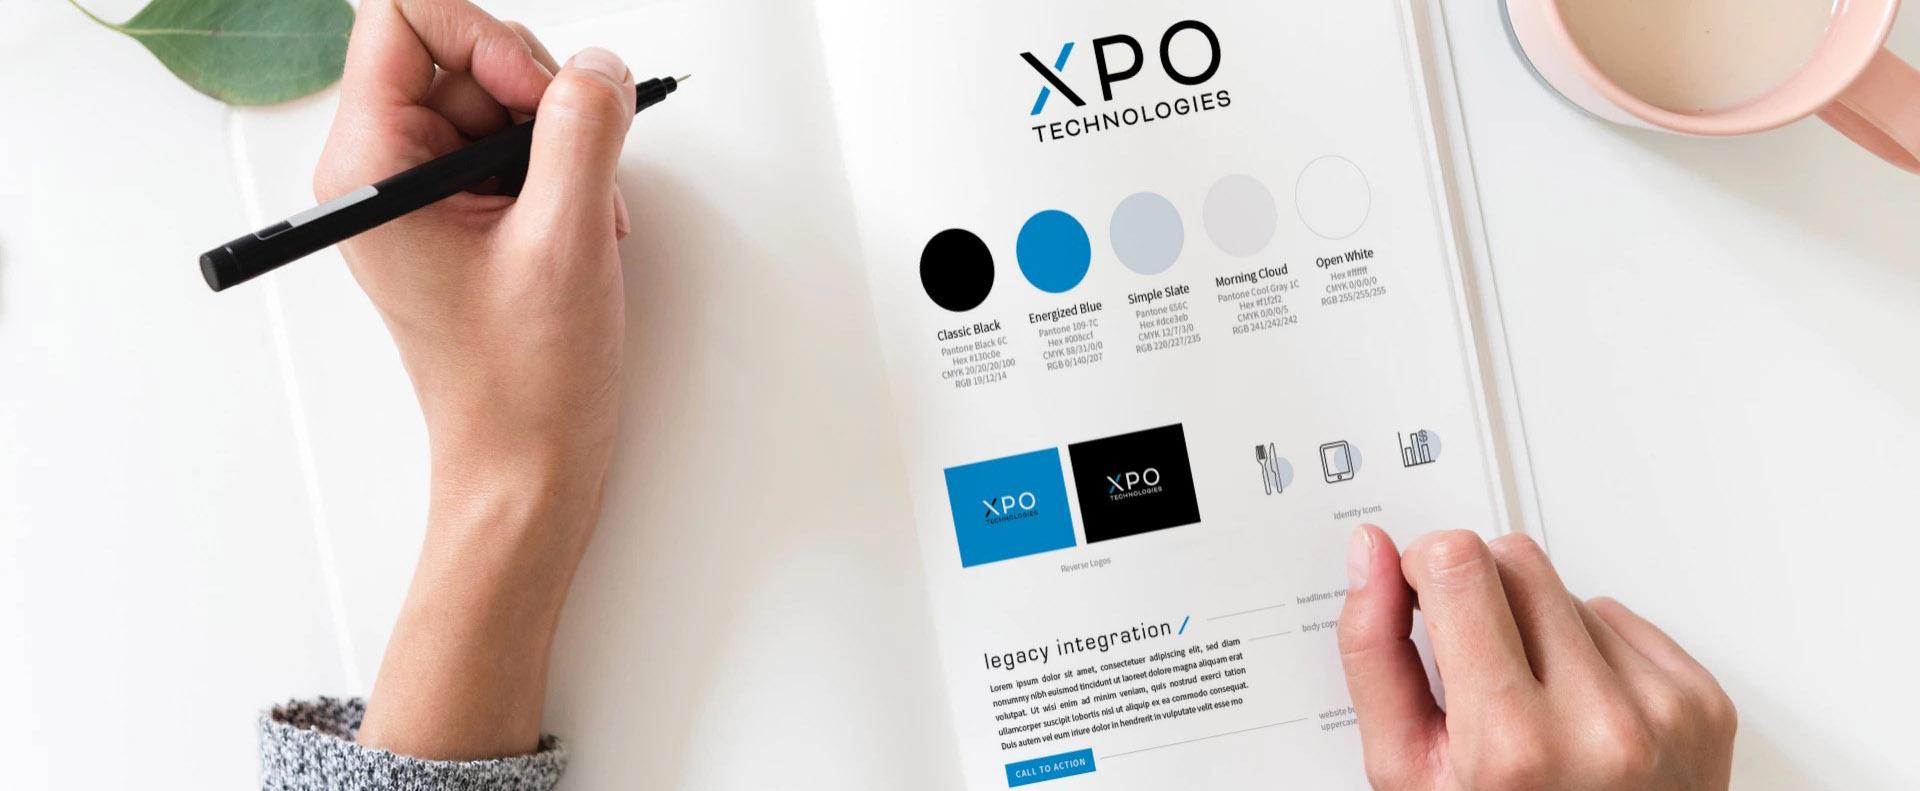 XPO technologies style sheet - White Canvas Design